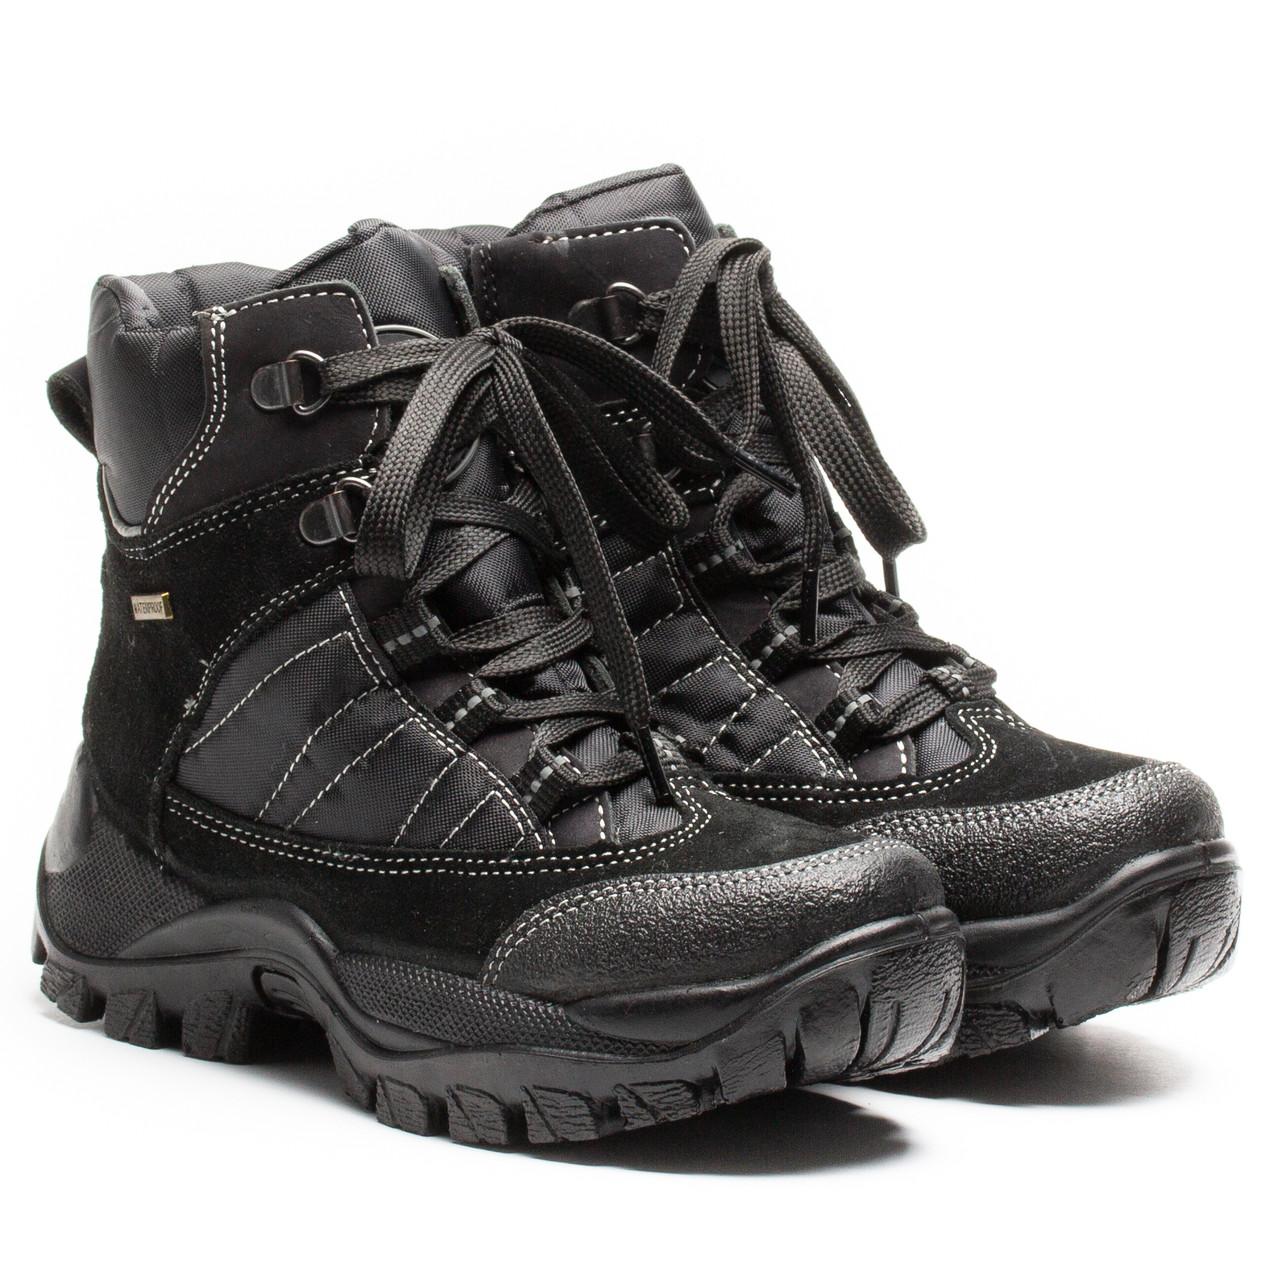 Мембранные ботинки для мальчика ТМ Тигина (Флоаре), размер 28-33